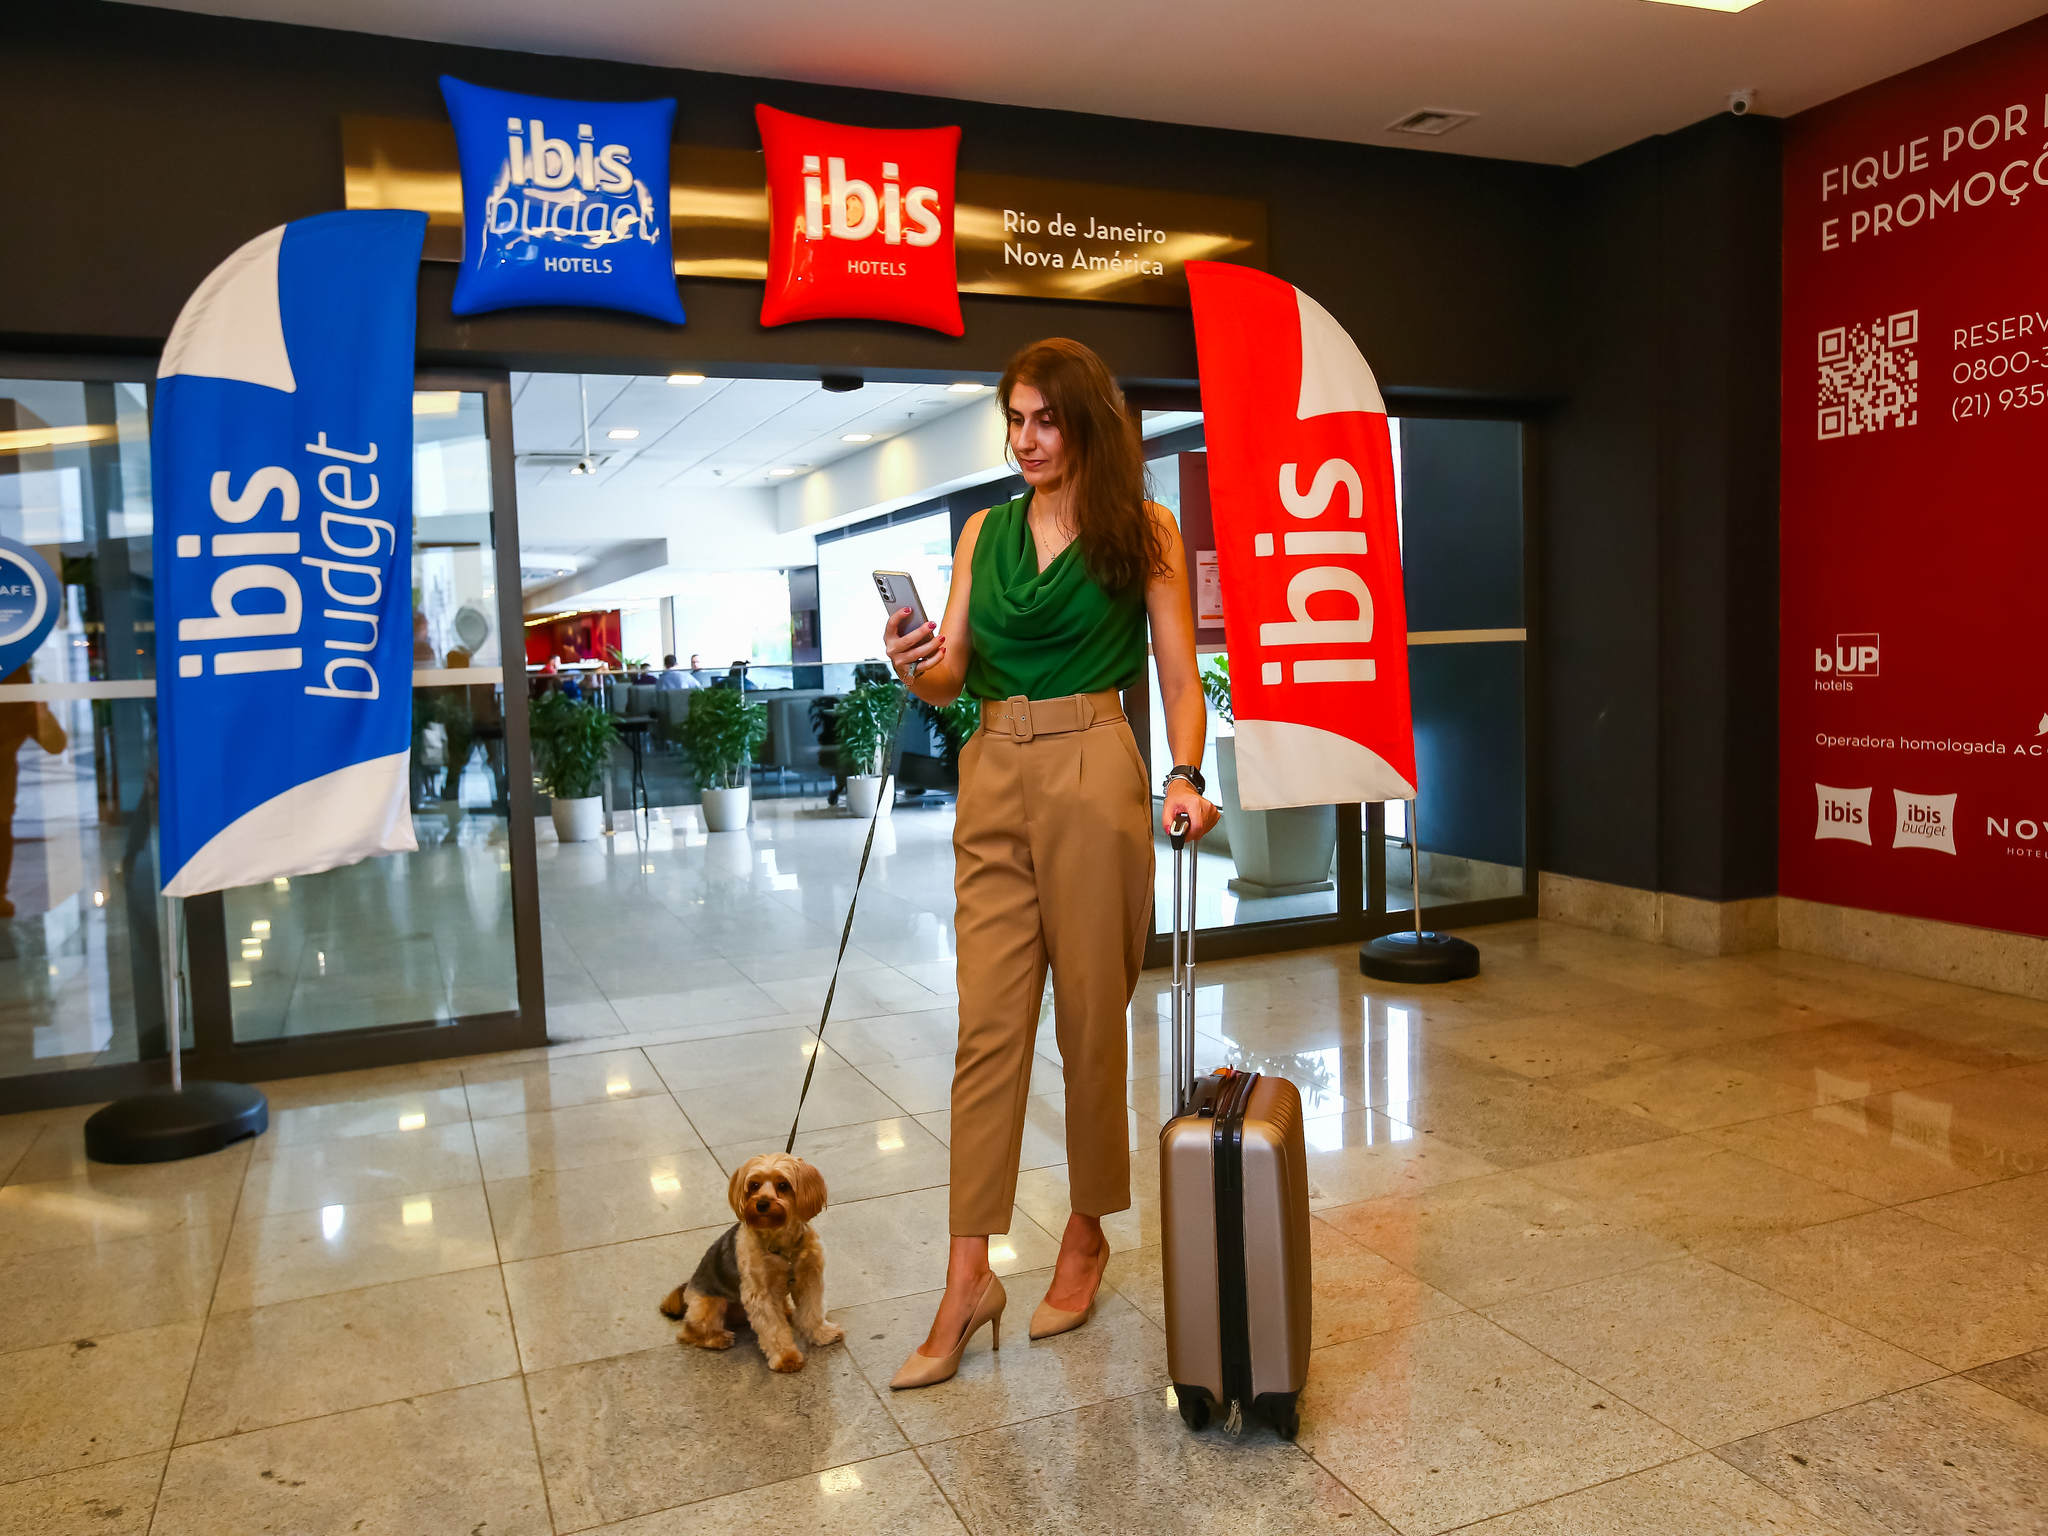 Hotel - ibis budget Rio de Janeiro Nova America